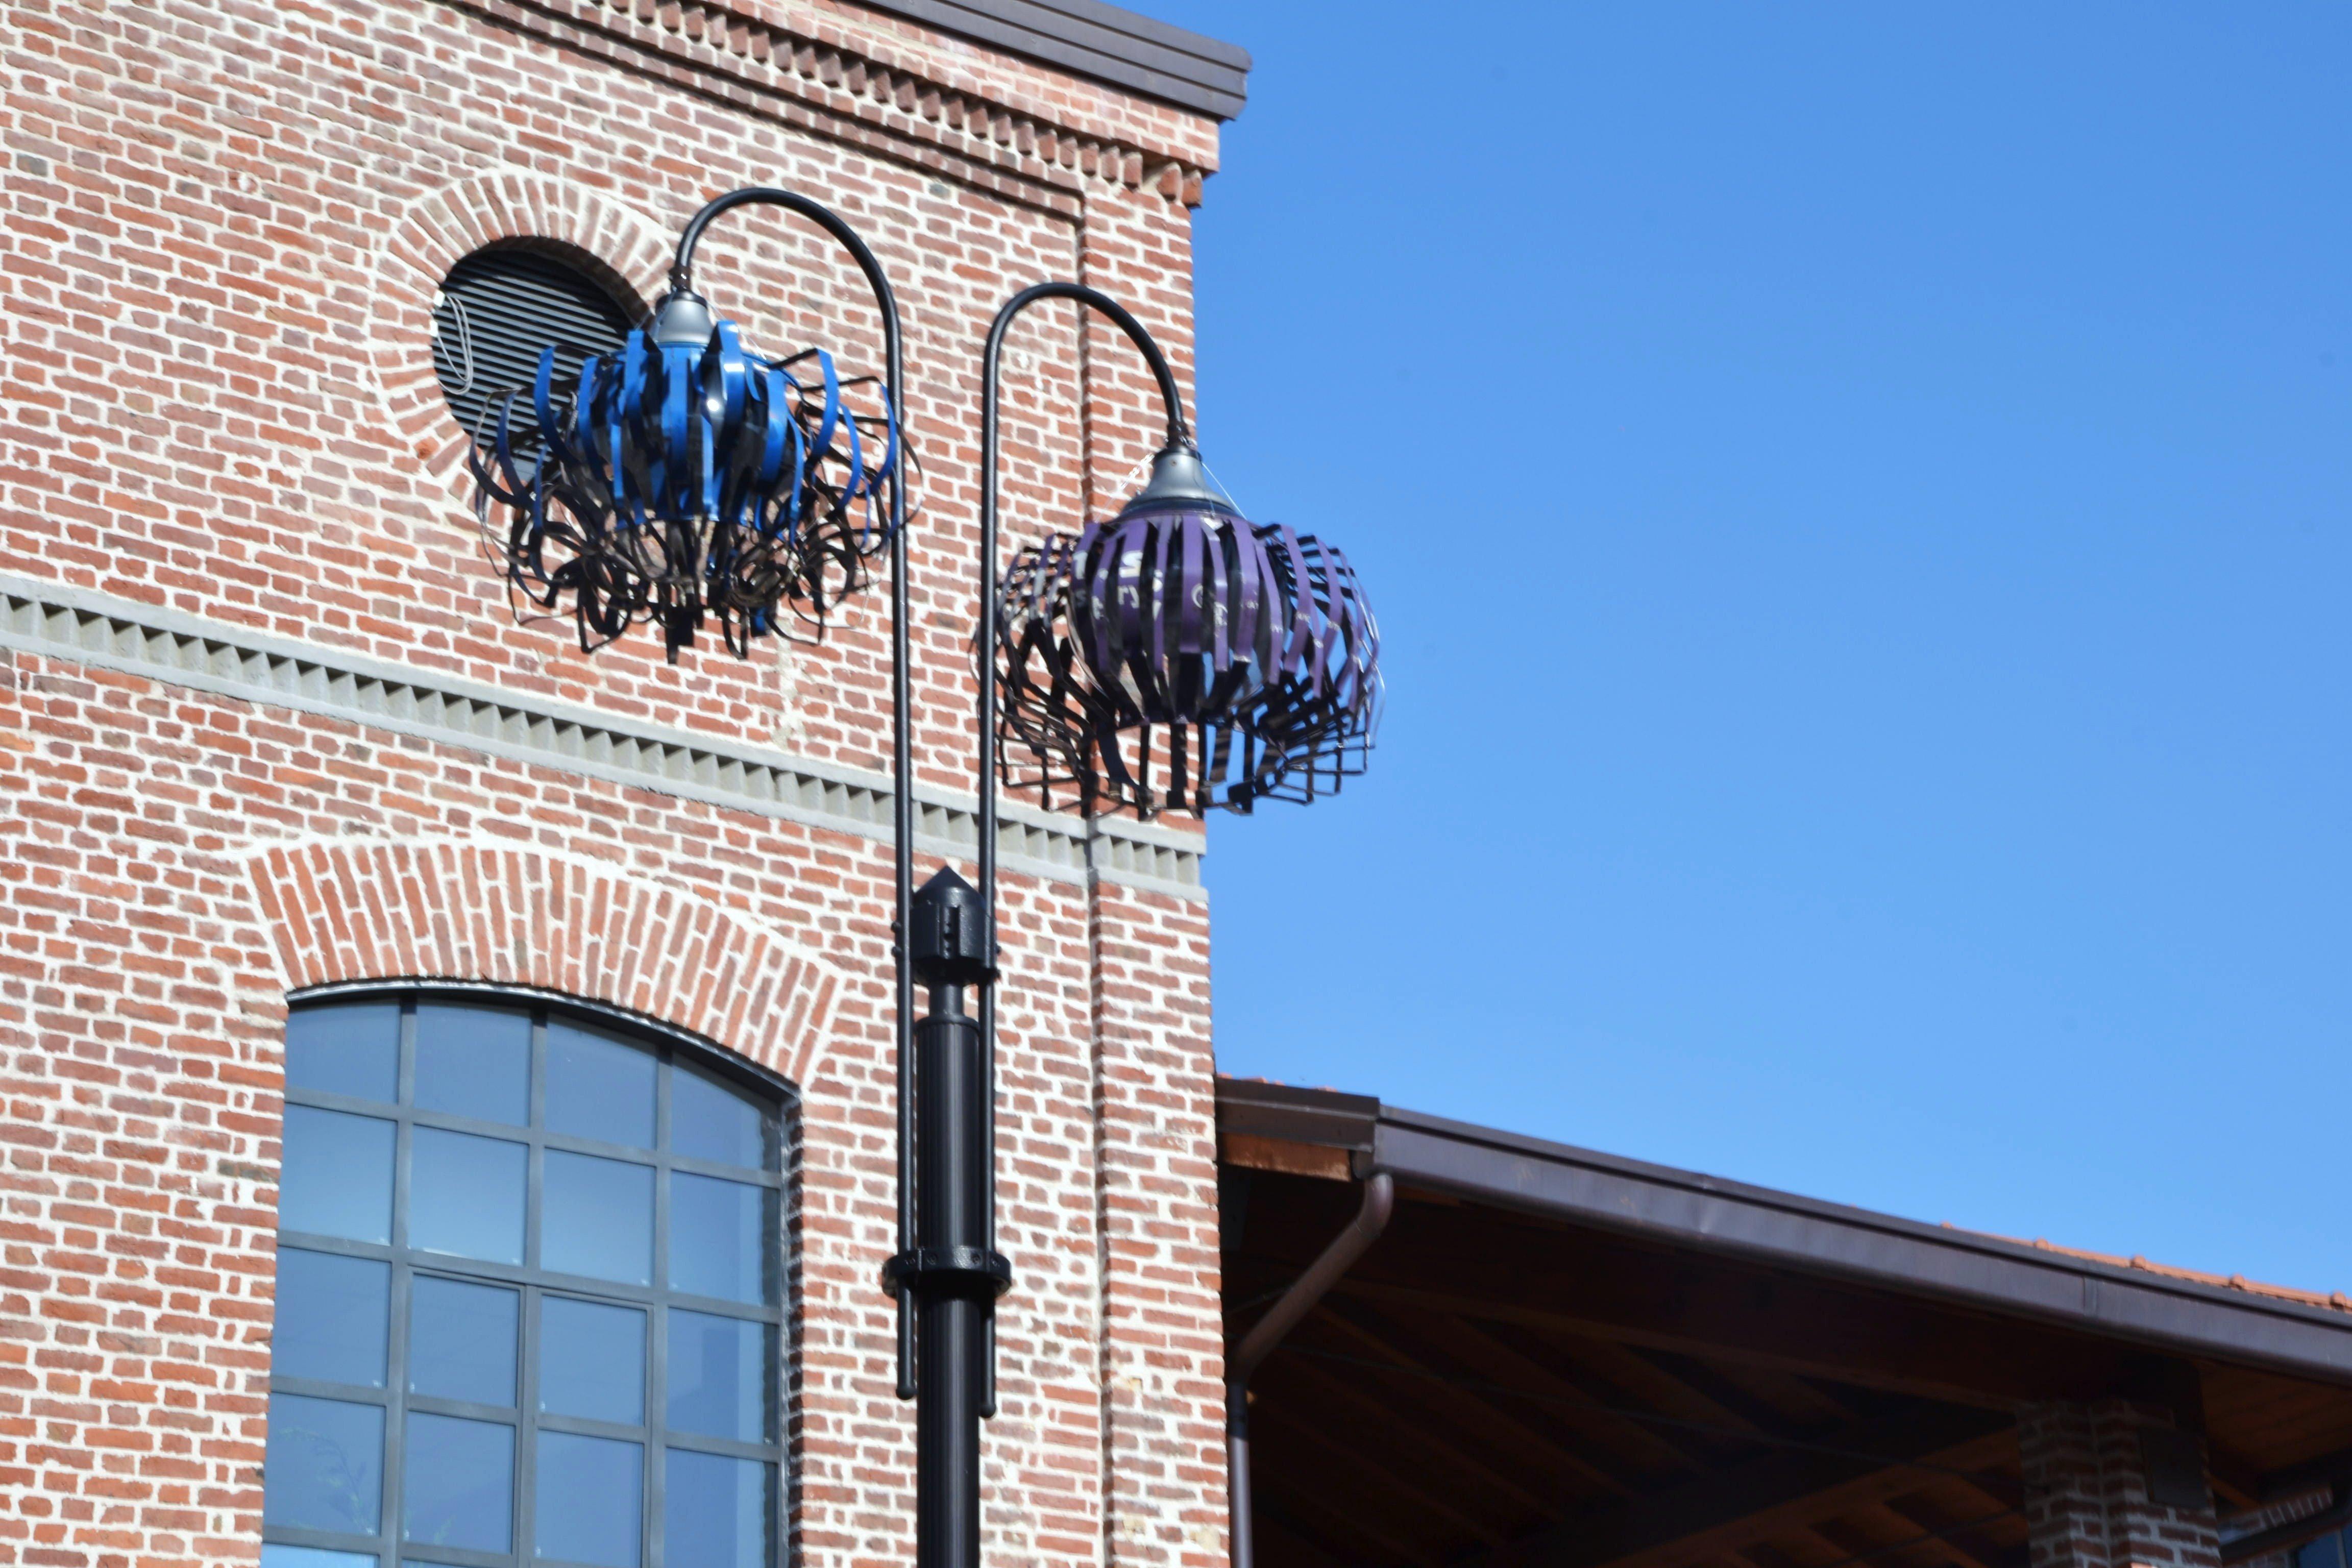 Dsc 0400 cose di casa for Design di architettura online gratuito per la casa